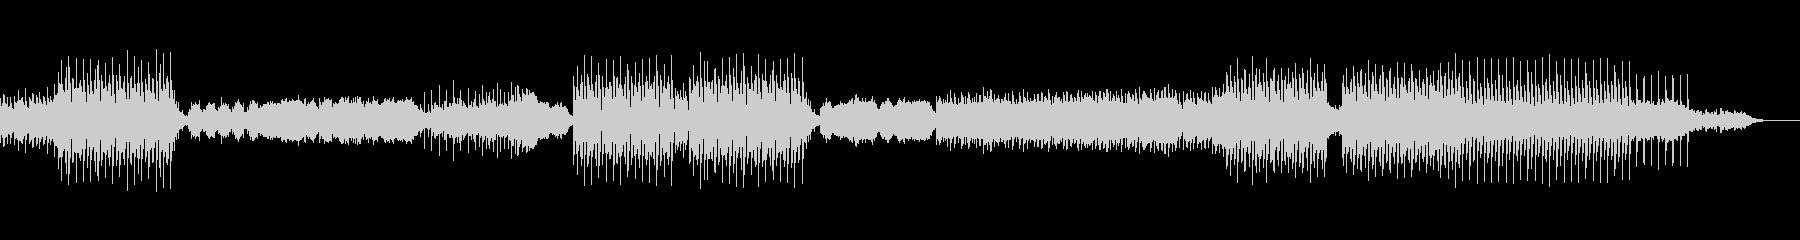 切ない女性ボーカルのフューチャーハウスの未再生の波形